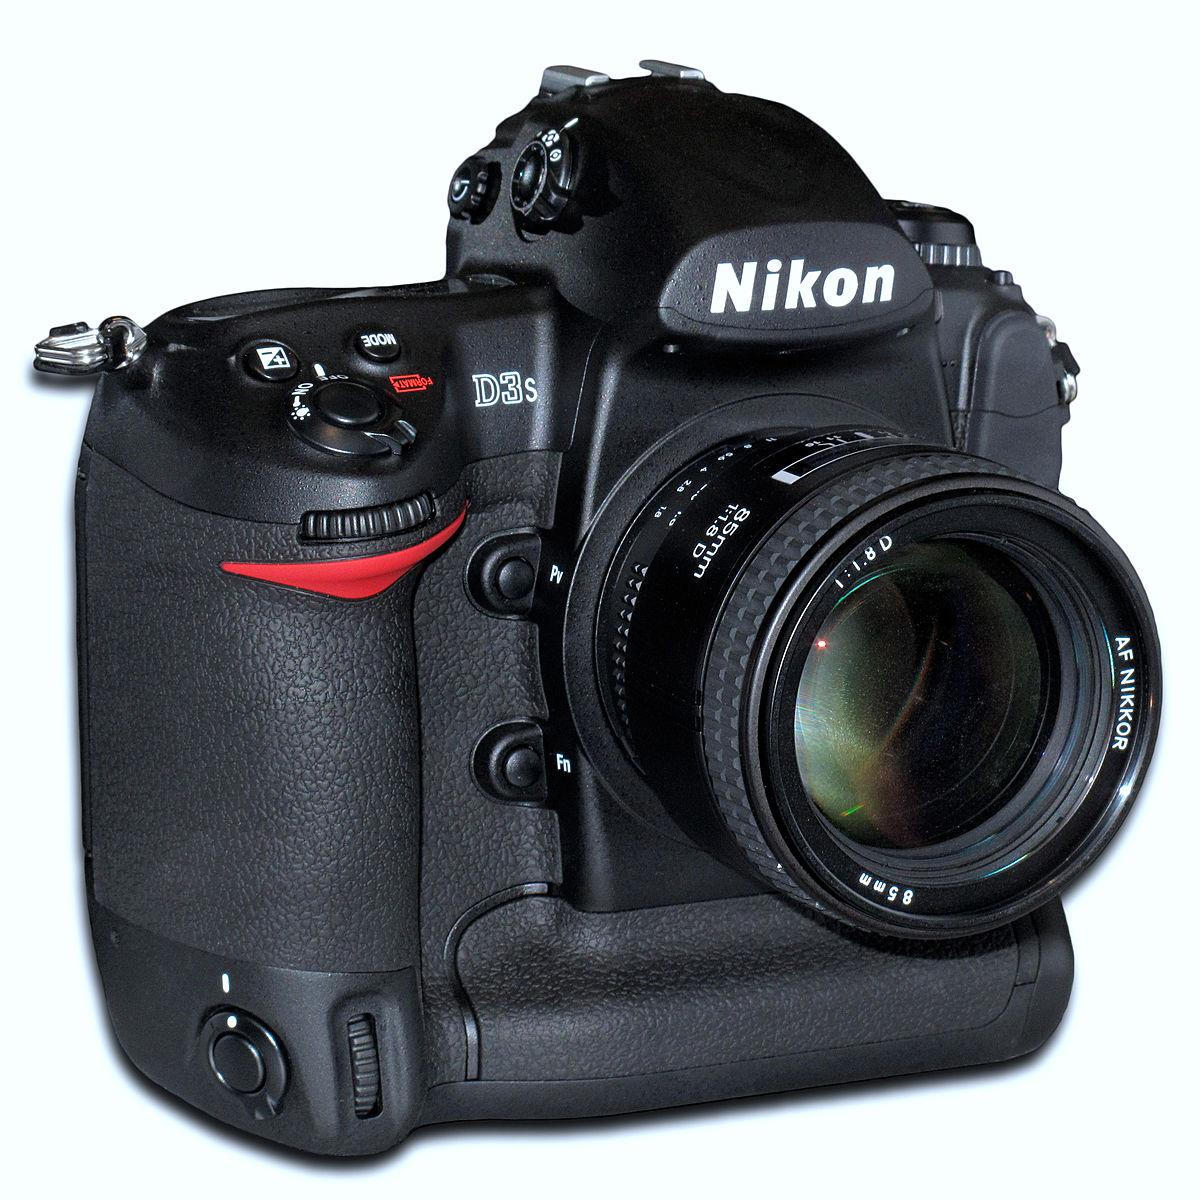 Nikon D3s Wikipedia